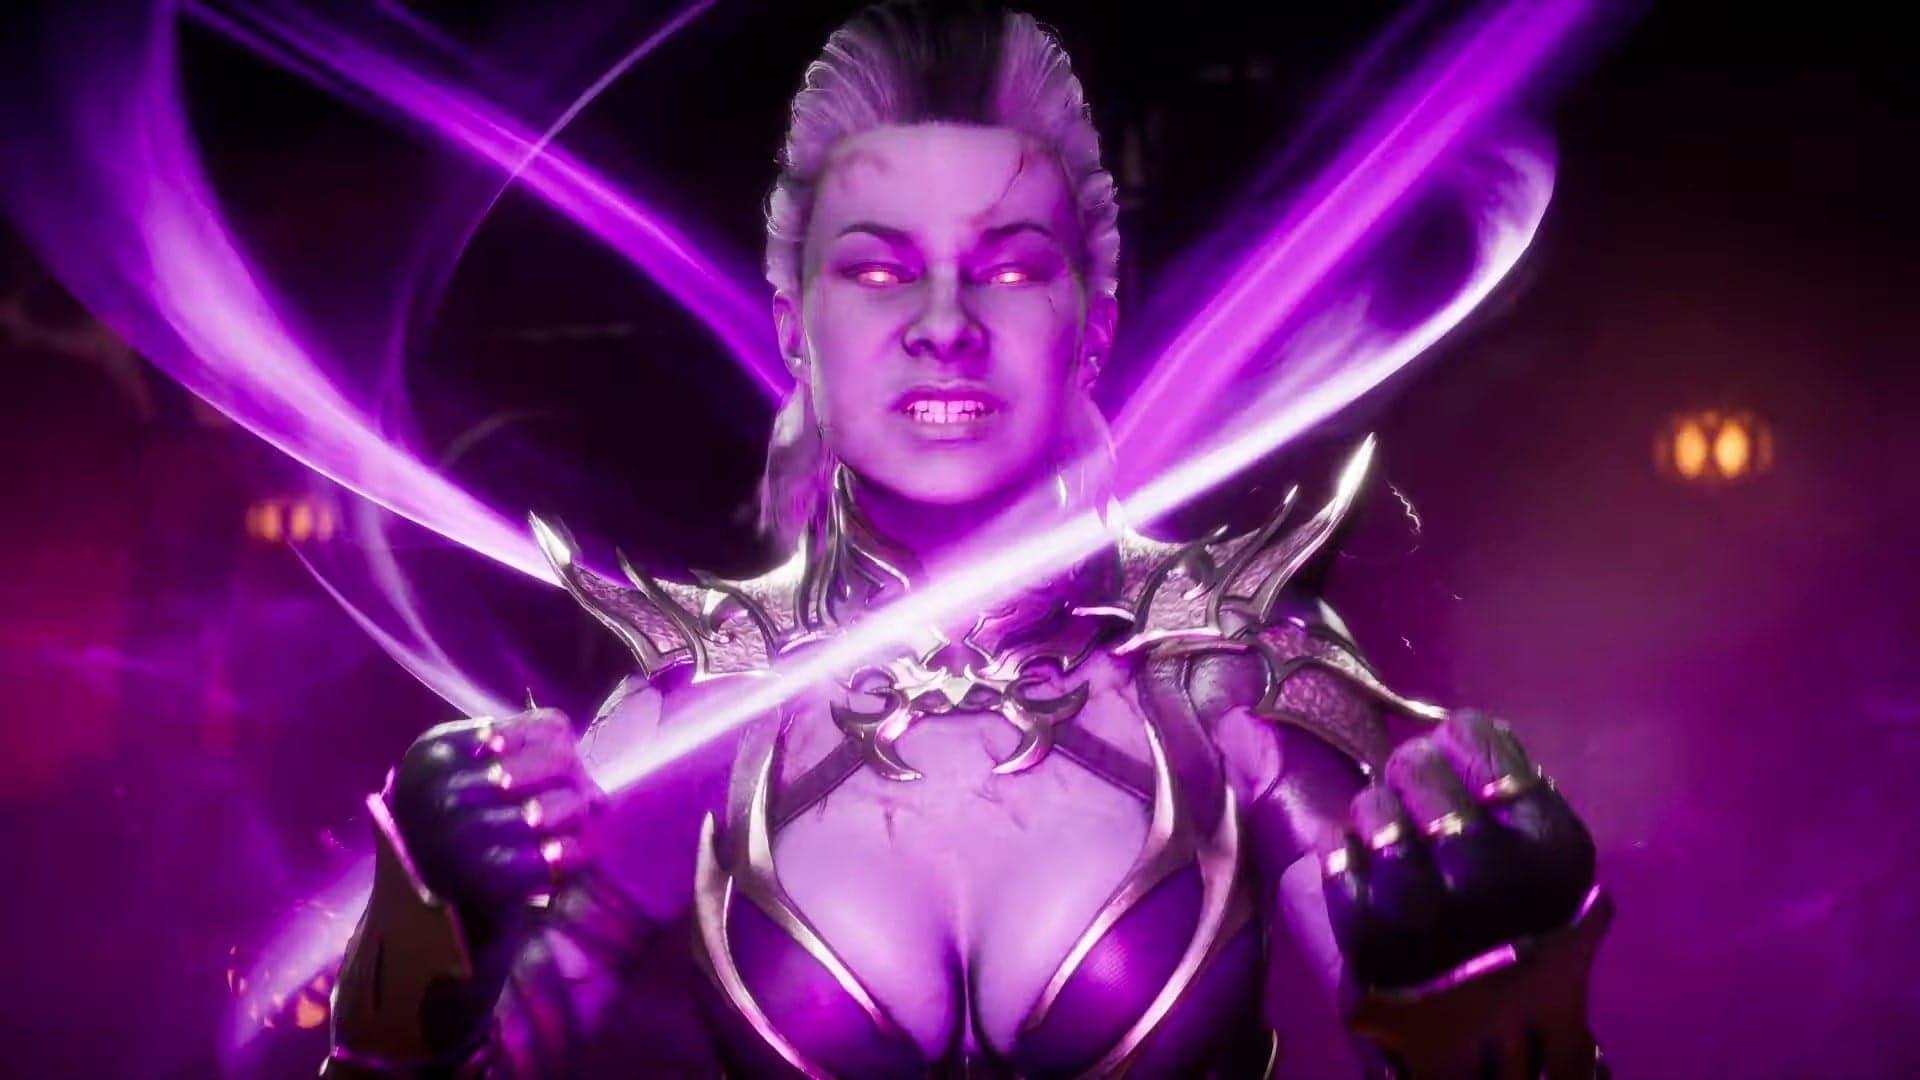 Sindel Finally Joins Mortal Kombat 11 Gayming Magazine